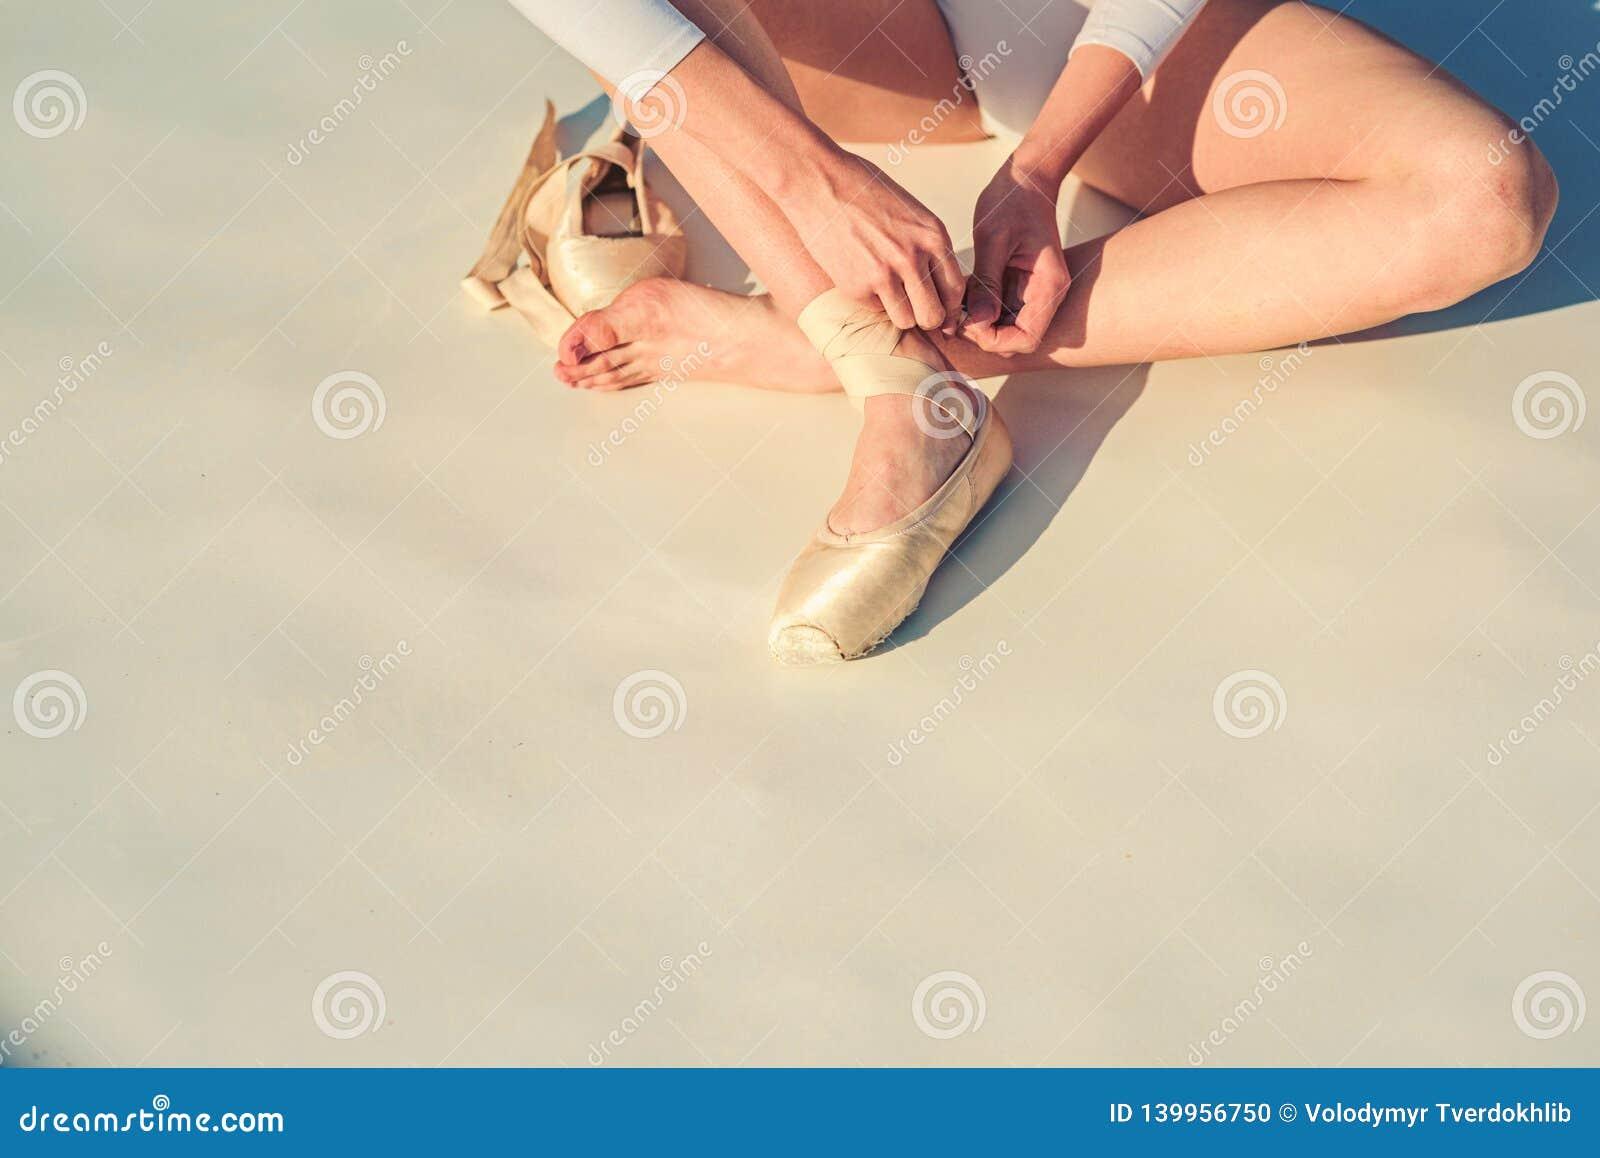 Tanczyć na pointe Balerina buty Balerin nogi w białych baletniczych butach Sznurowanie baleta kapcie Żeńscy cieki w pointe